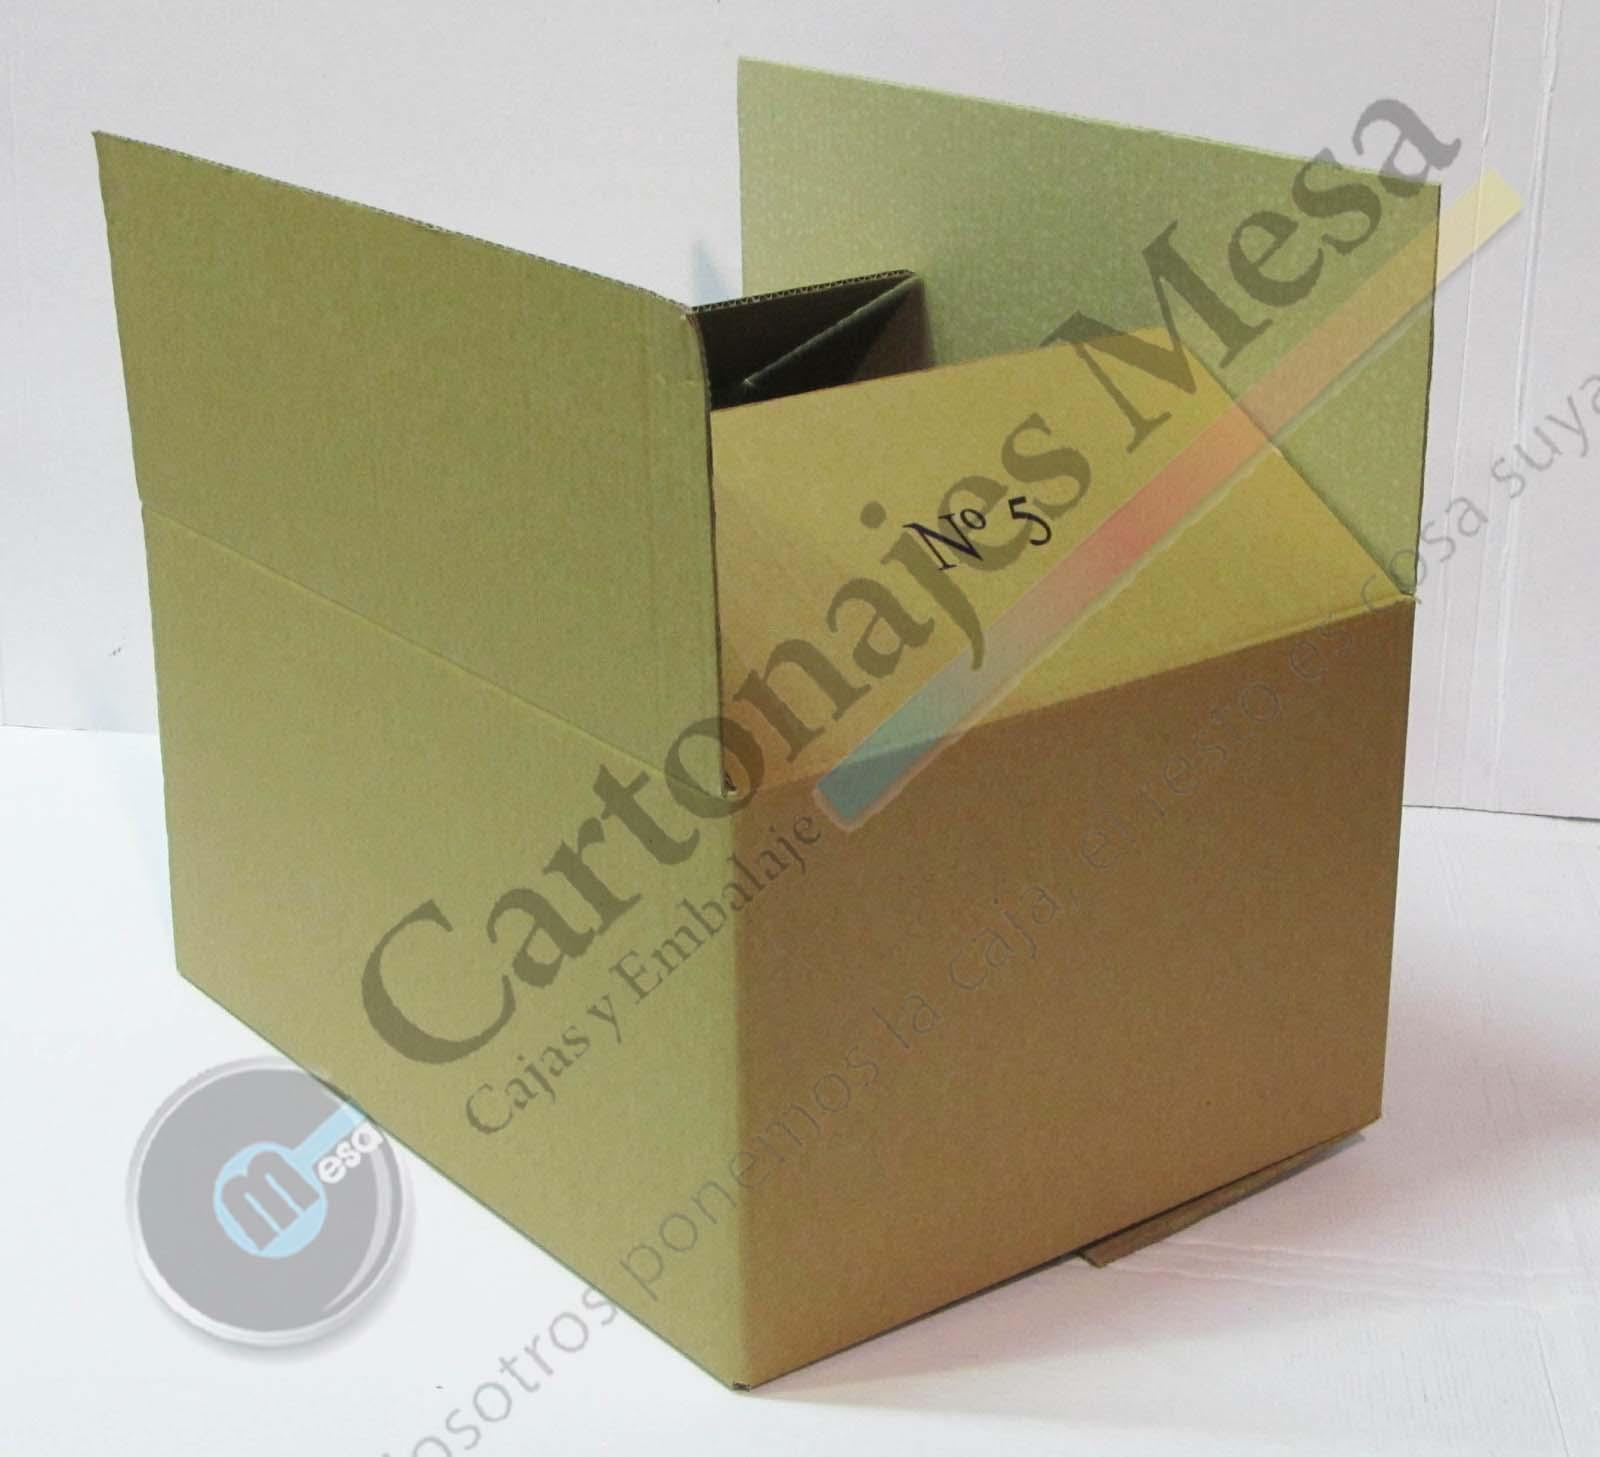 Cajas de embalaje y mudanzas cartonajes mesa - Cajas de mudanza ...